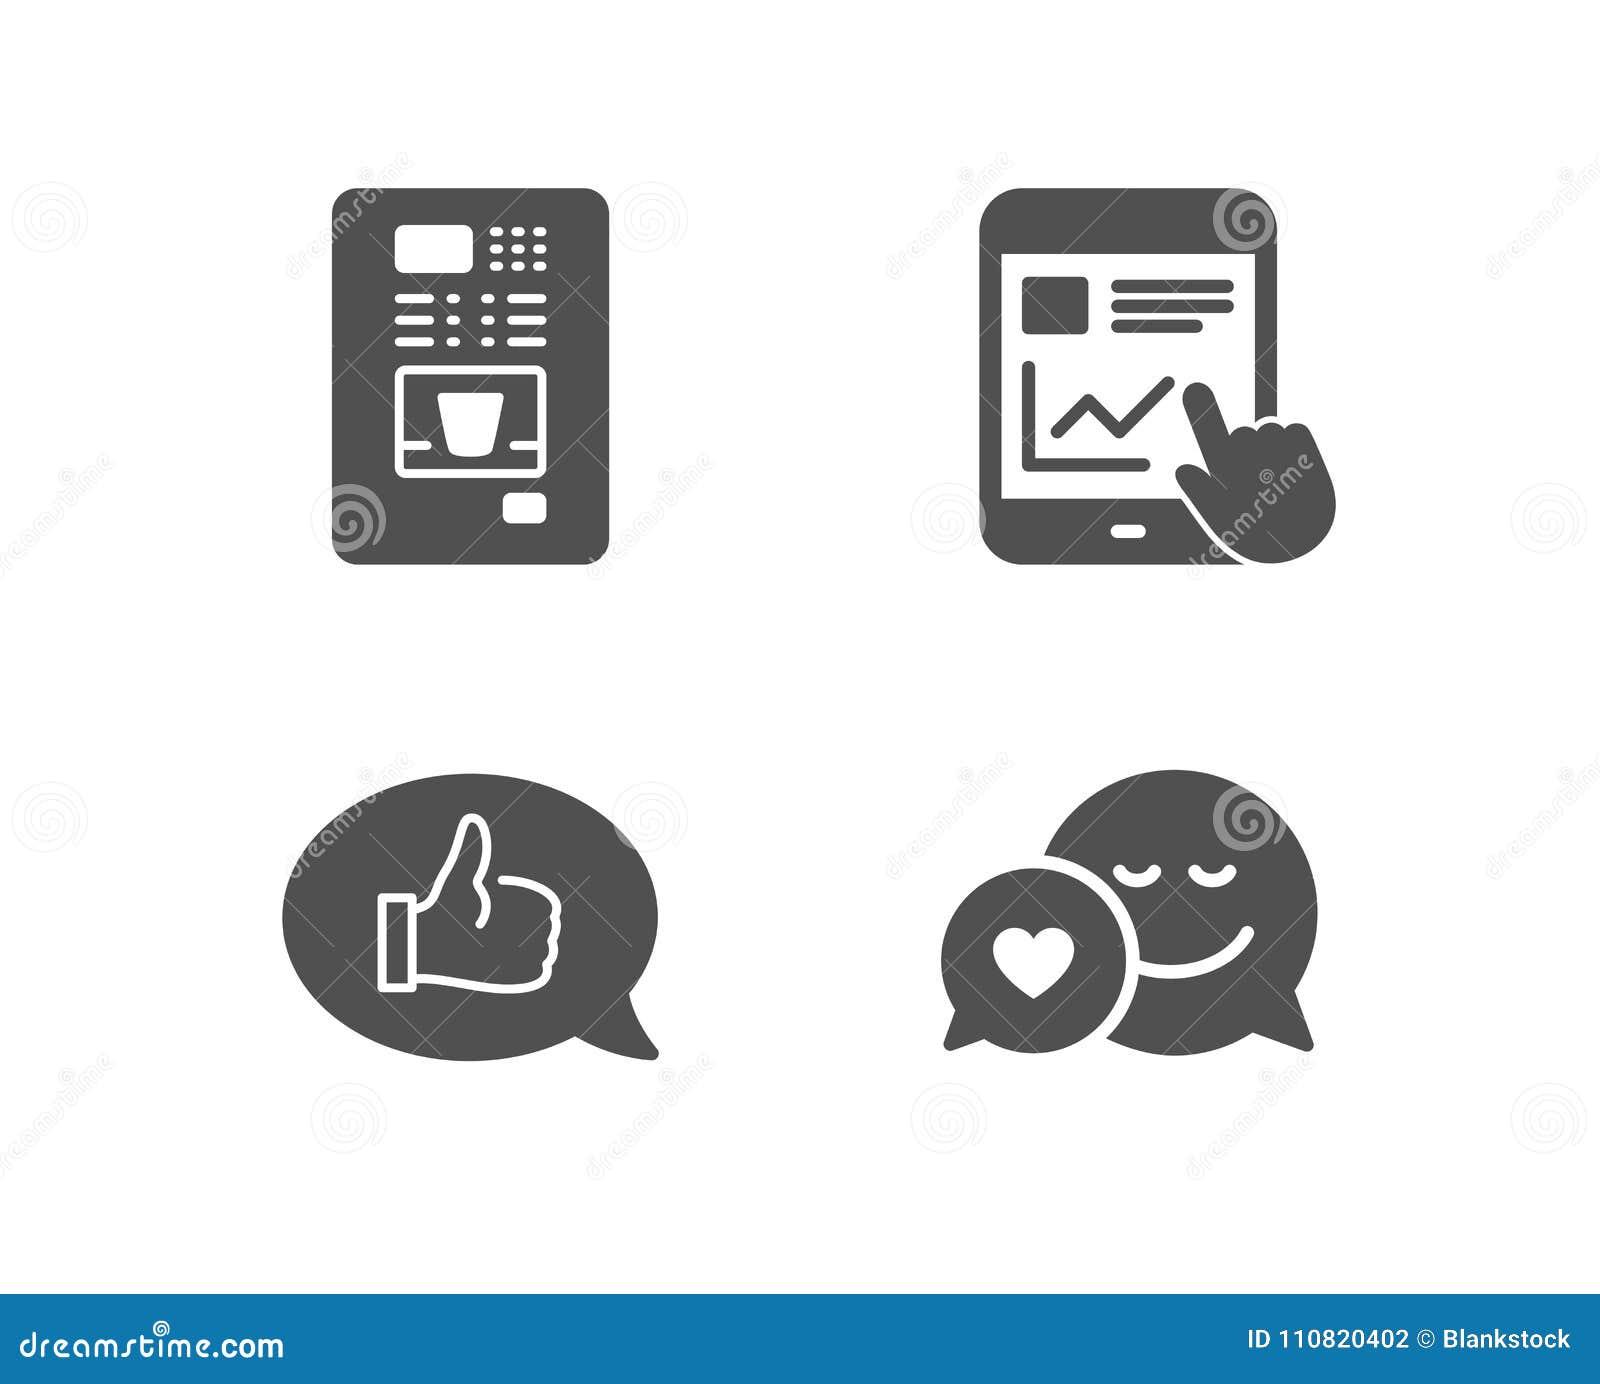 feedback dating